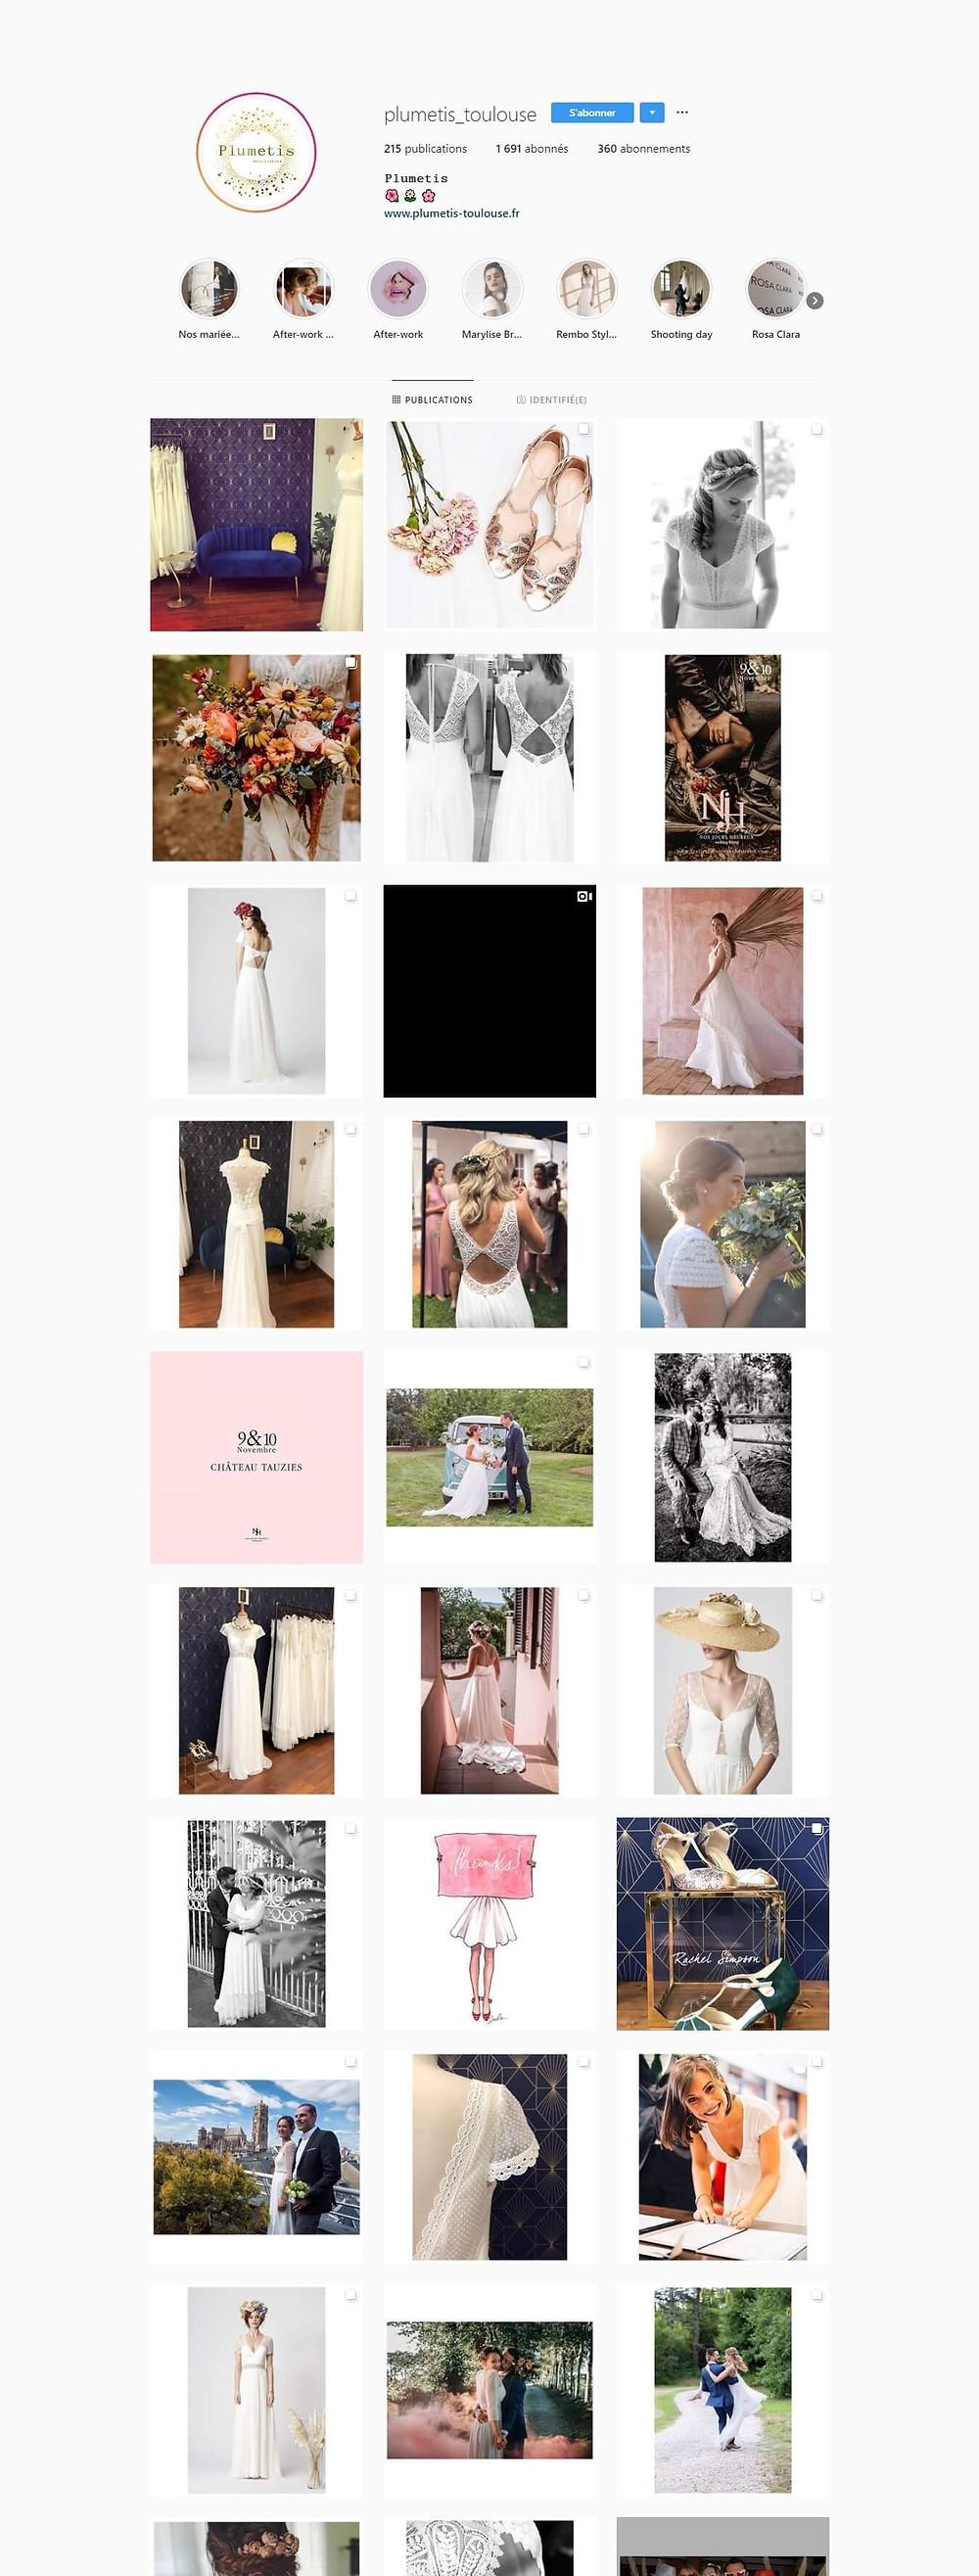 instagram plumetis toulouse robes robe de mariée mariées